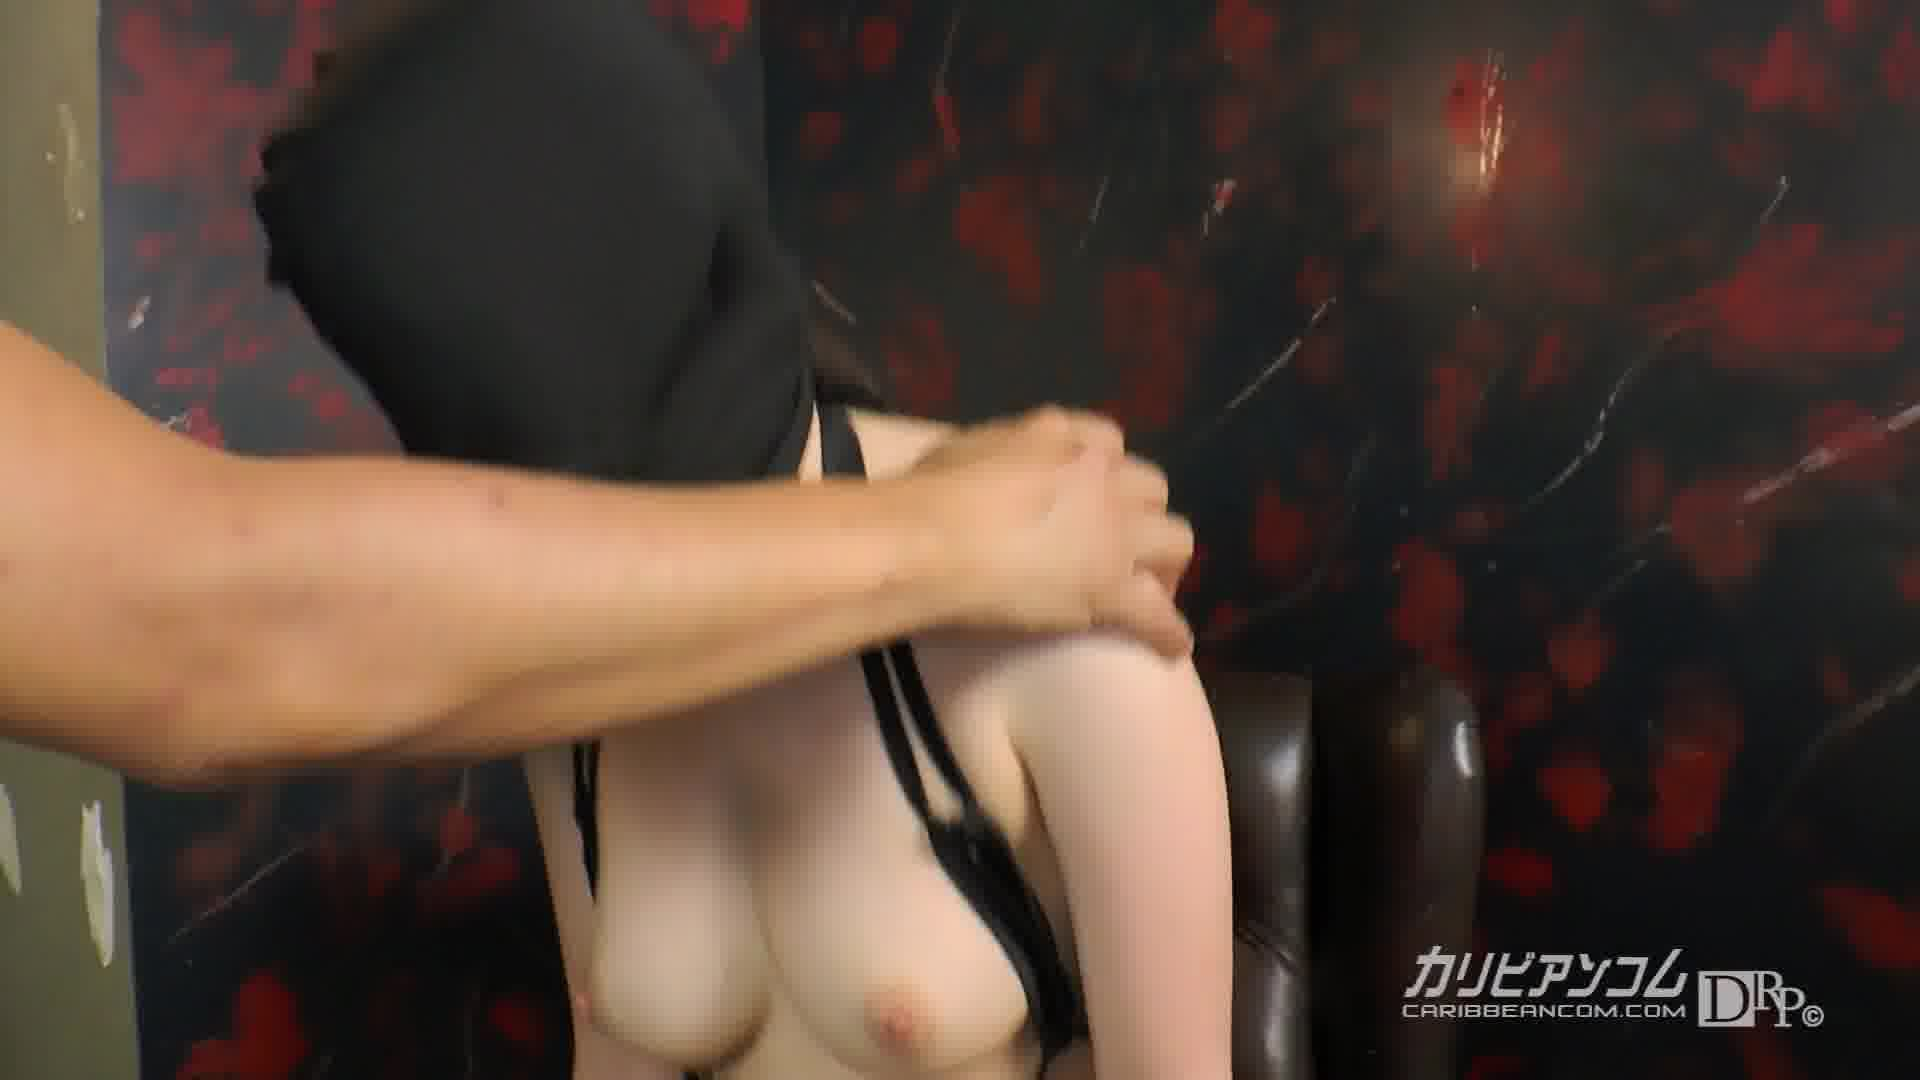 性欲処理マゾマスク ~特別イカセ編~ - 性欲処理マゾマスク 02号【巨乳・ボンテージ・バイブ】